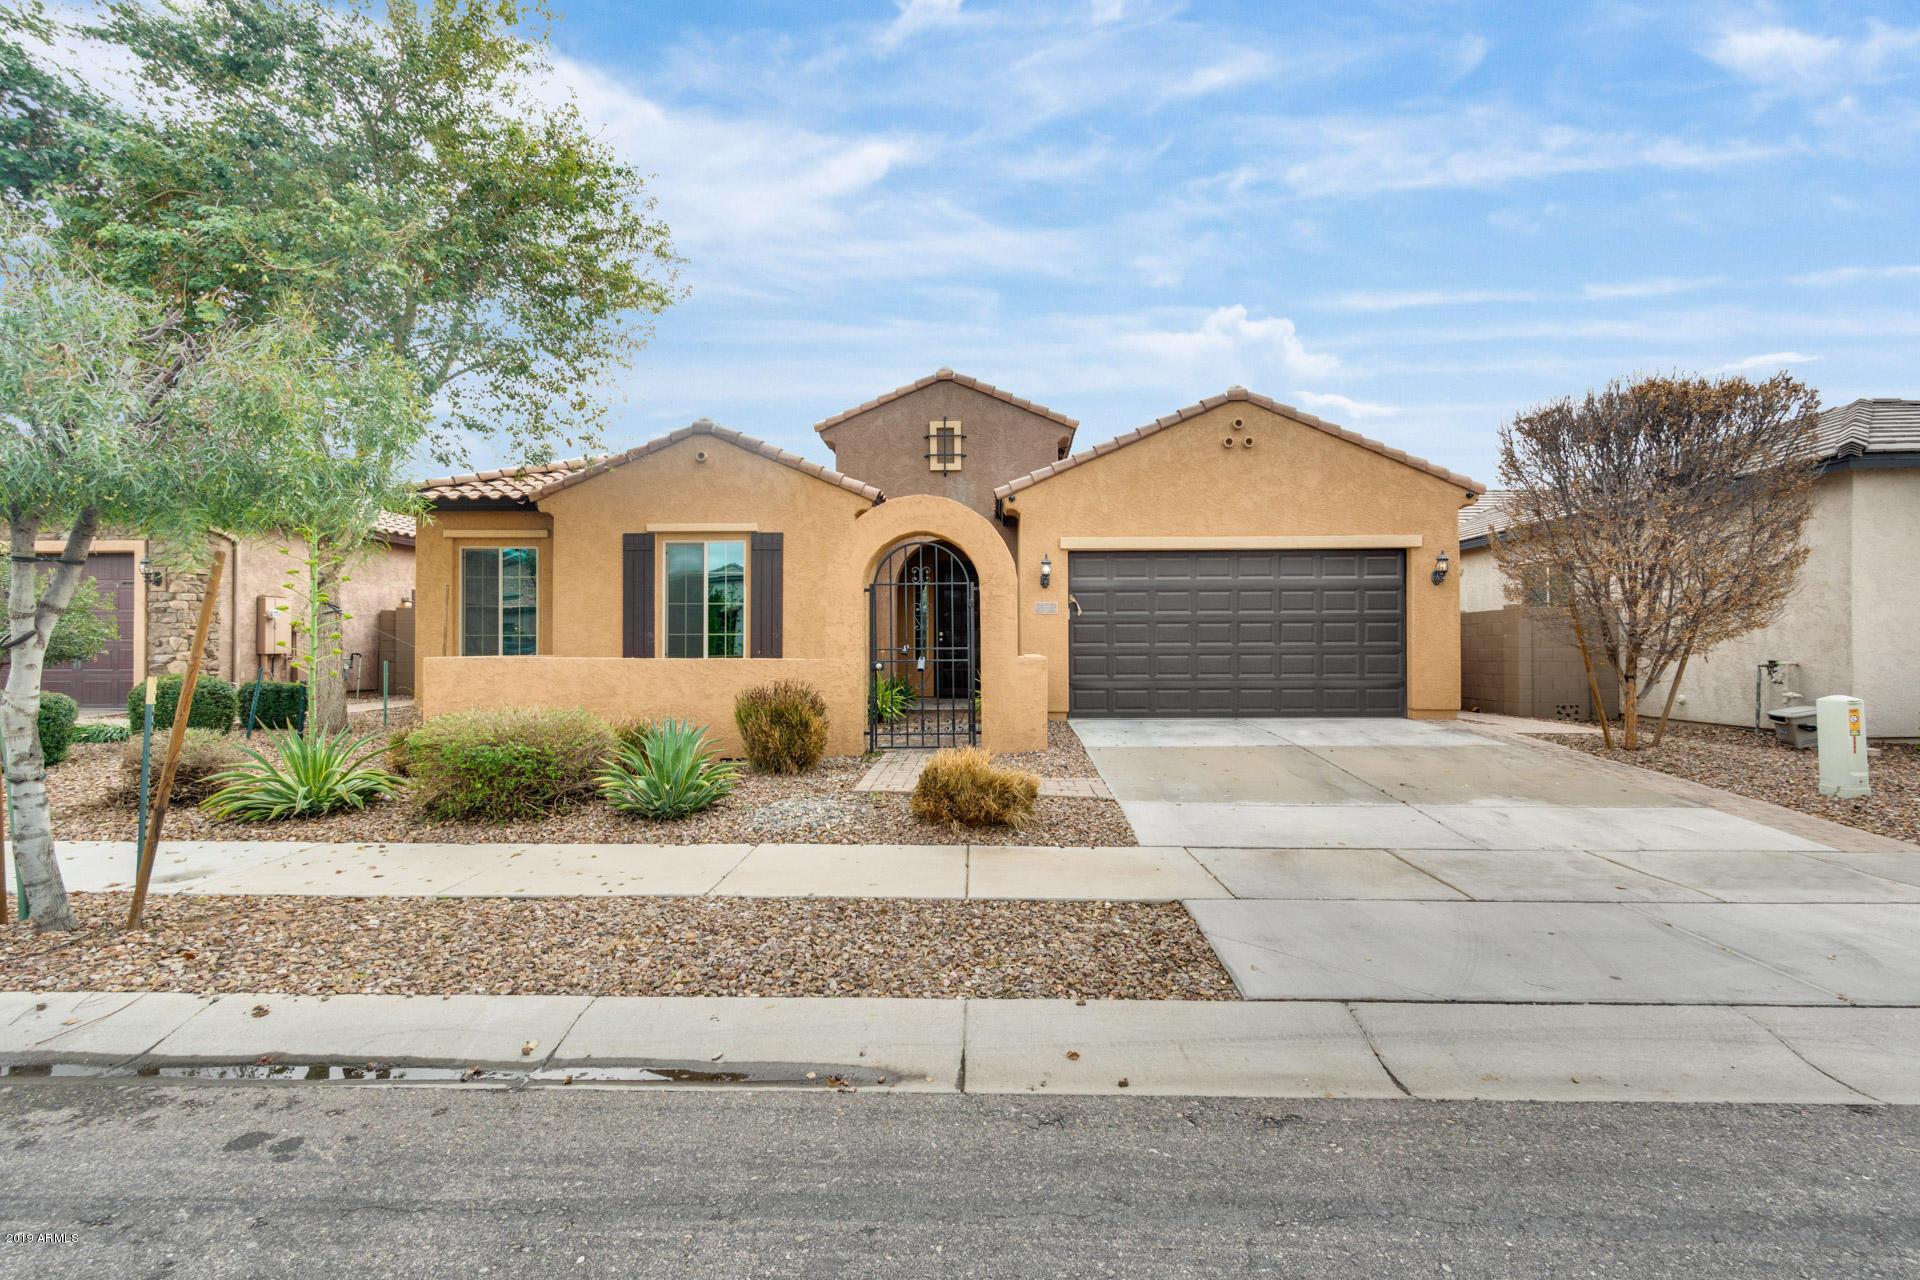 Photo of 3551 E IVANHOE Street, Gilbert, AZ 85295